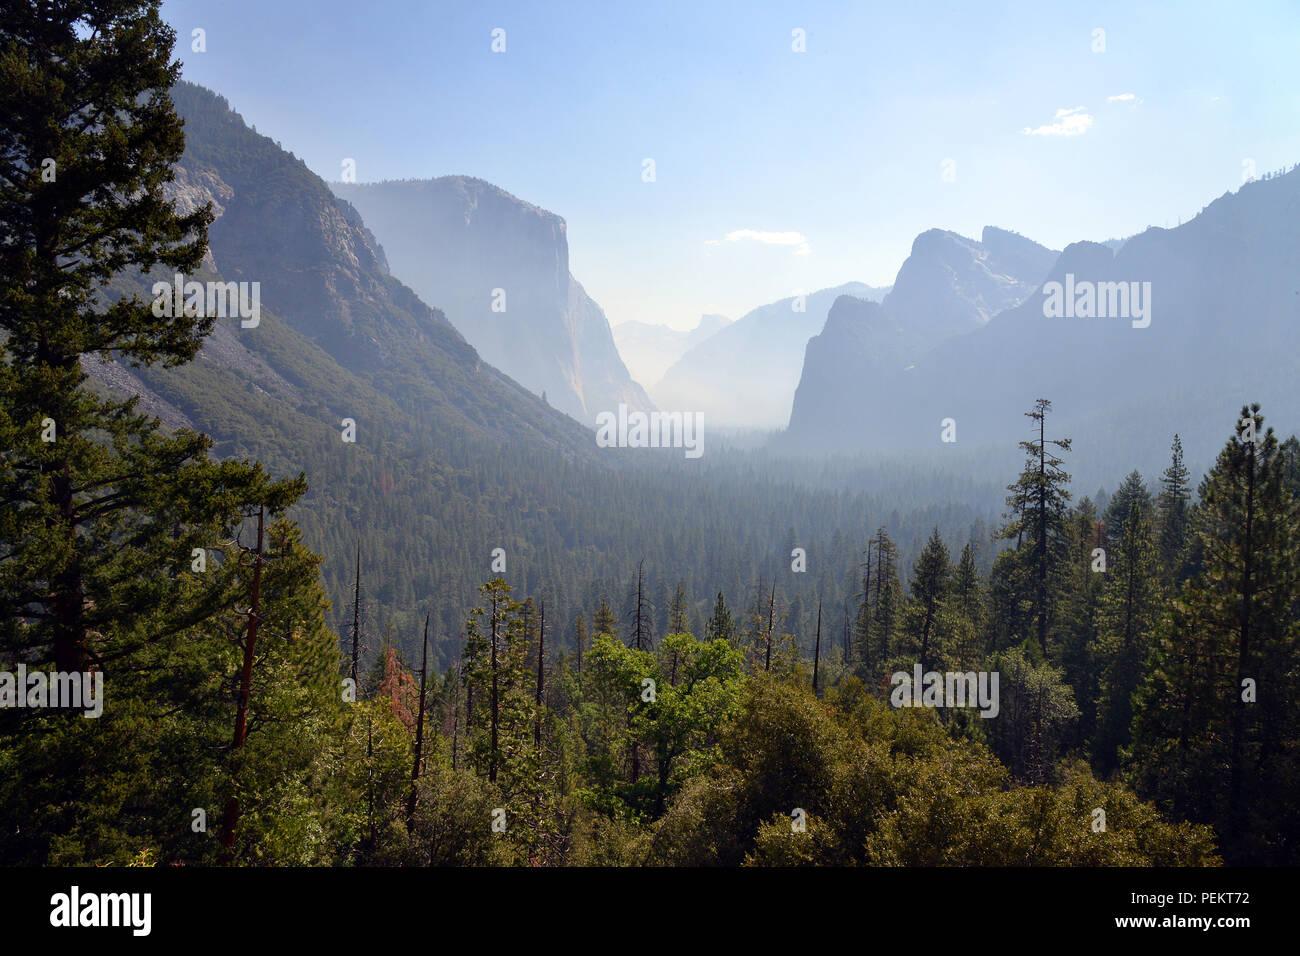 États-unis, Californie, vue de tunnel dans la région de Yosemite National Park Banque D'Images